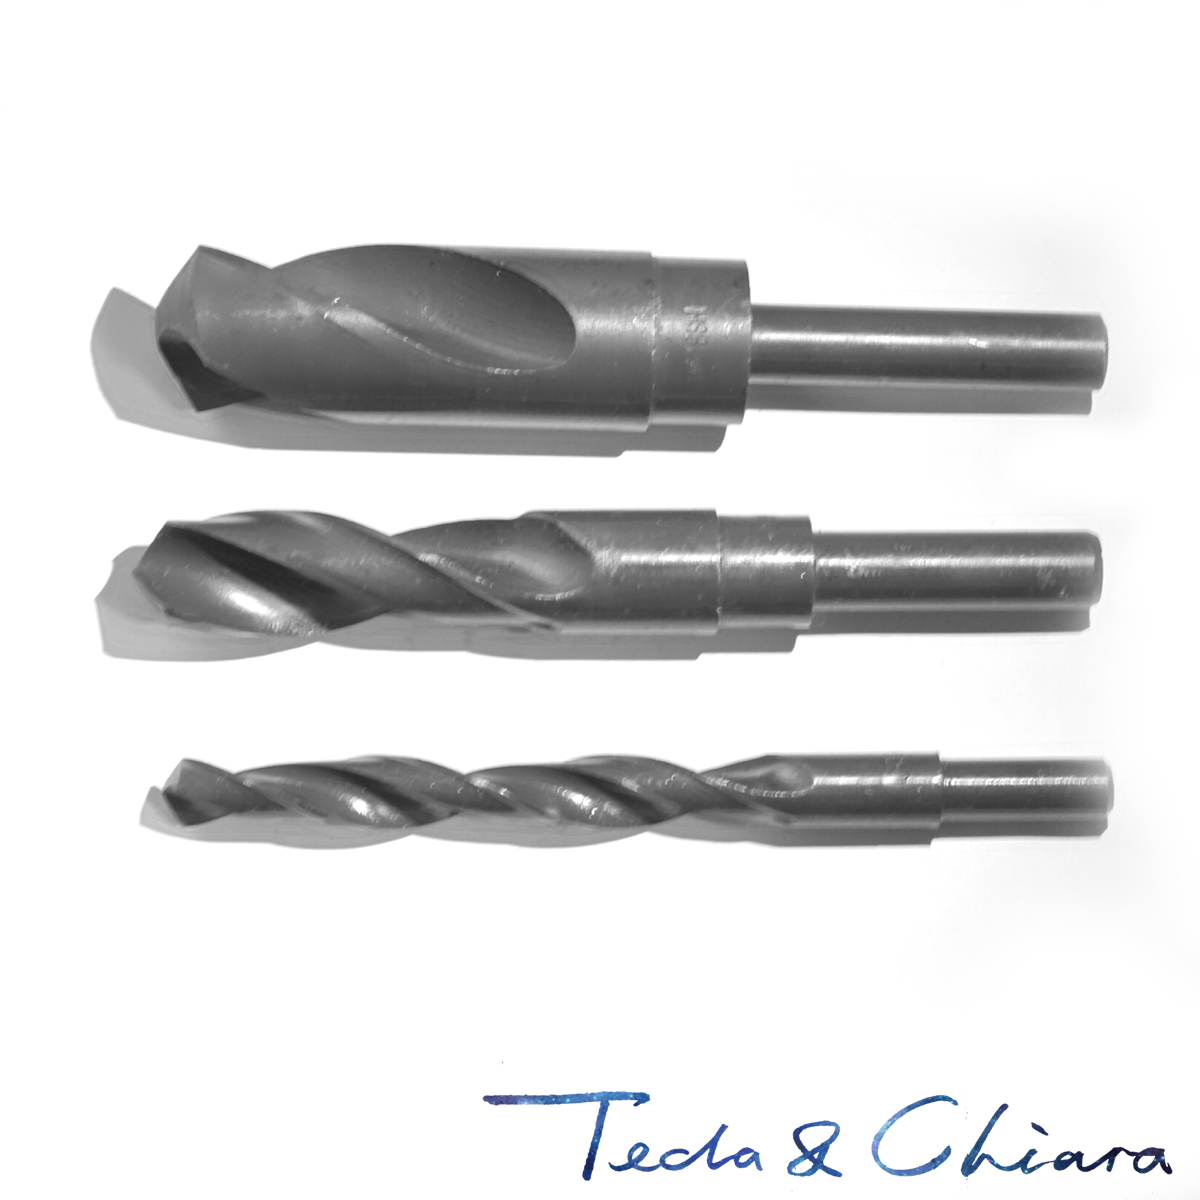 31.5mm 32mm 32.5mm 33mm HSS Reduced Straight Crank Twist Drill Bit Shank Dia 12.7mm 1/2 Inch 31.5 32 32.5 33